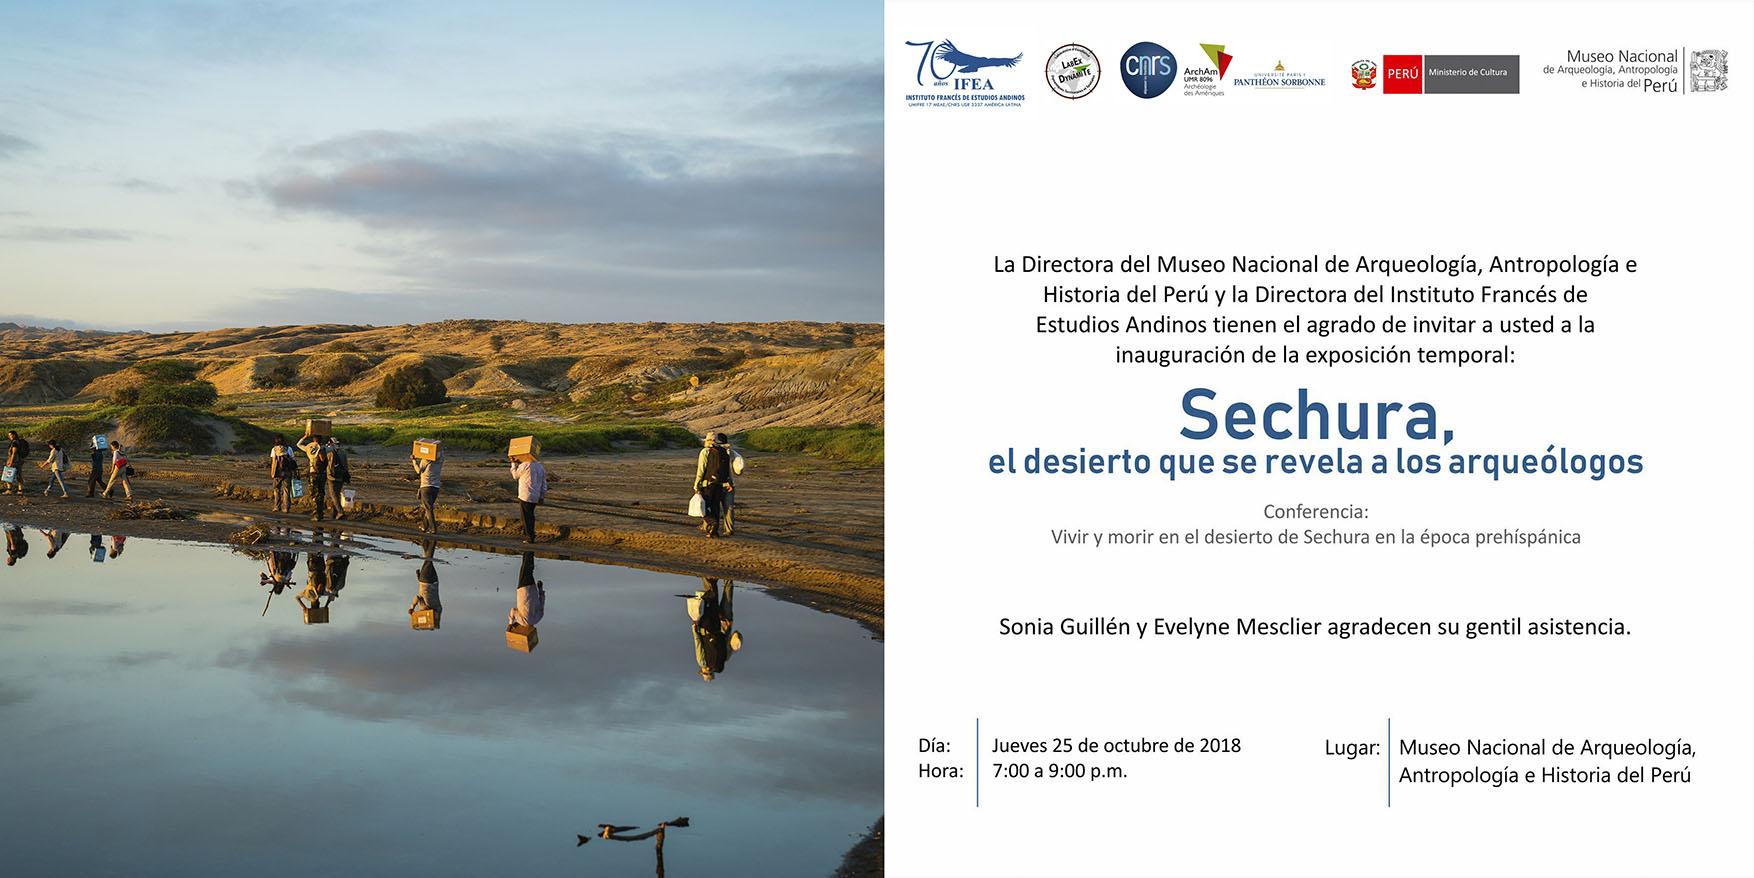 Sechura, el desierto que se revela a los arqueólogos